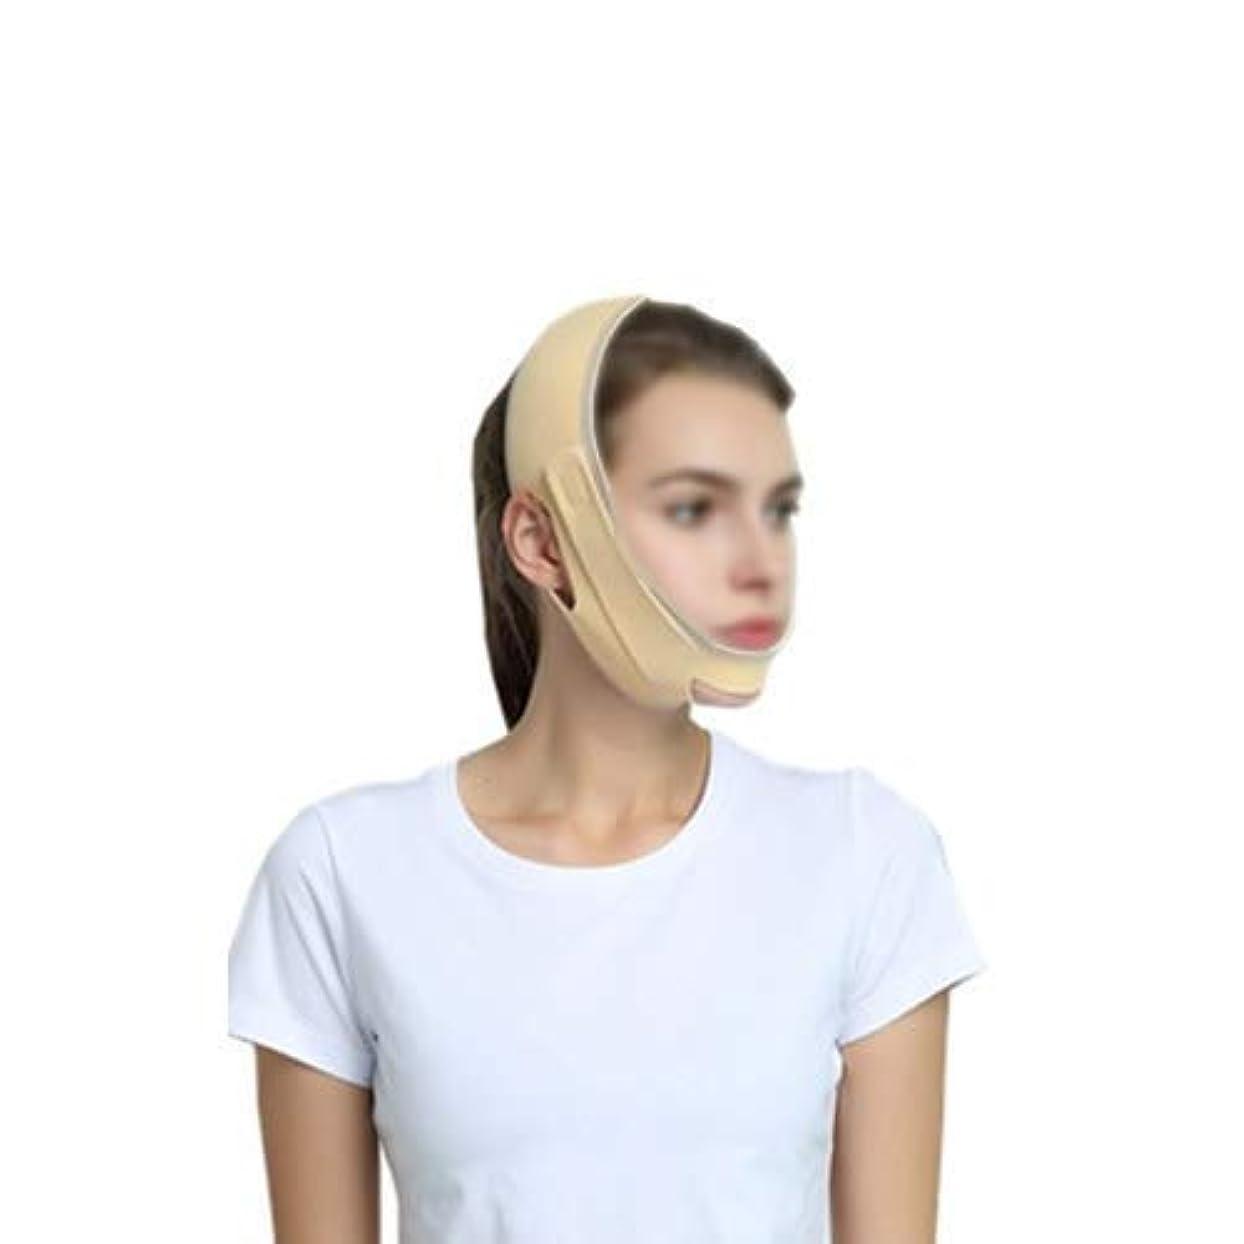 減少サイズ支払いフェイスリフトマスクフェイスアンドネックリフトポストエラスティックスリーブ下顎骨セットフェイスアーティファクトVフェイスフェイシャルフェイスバンドルダブルチンマスクブラックフェイスアーティファクト(色:B)